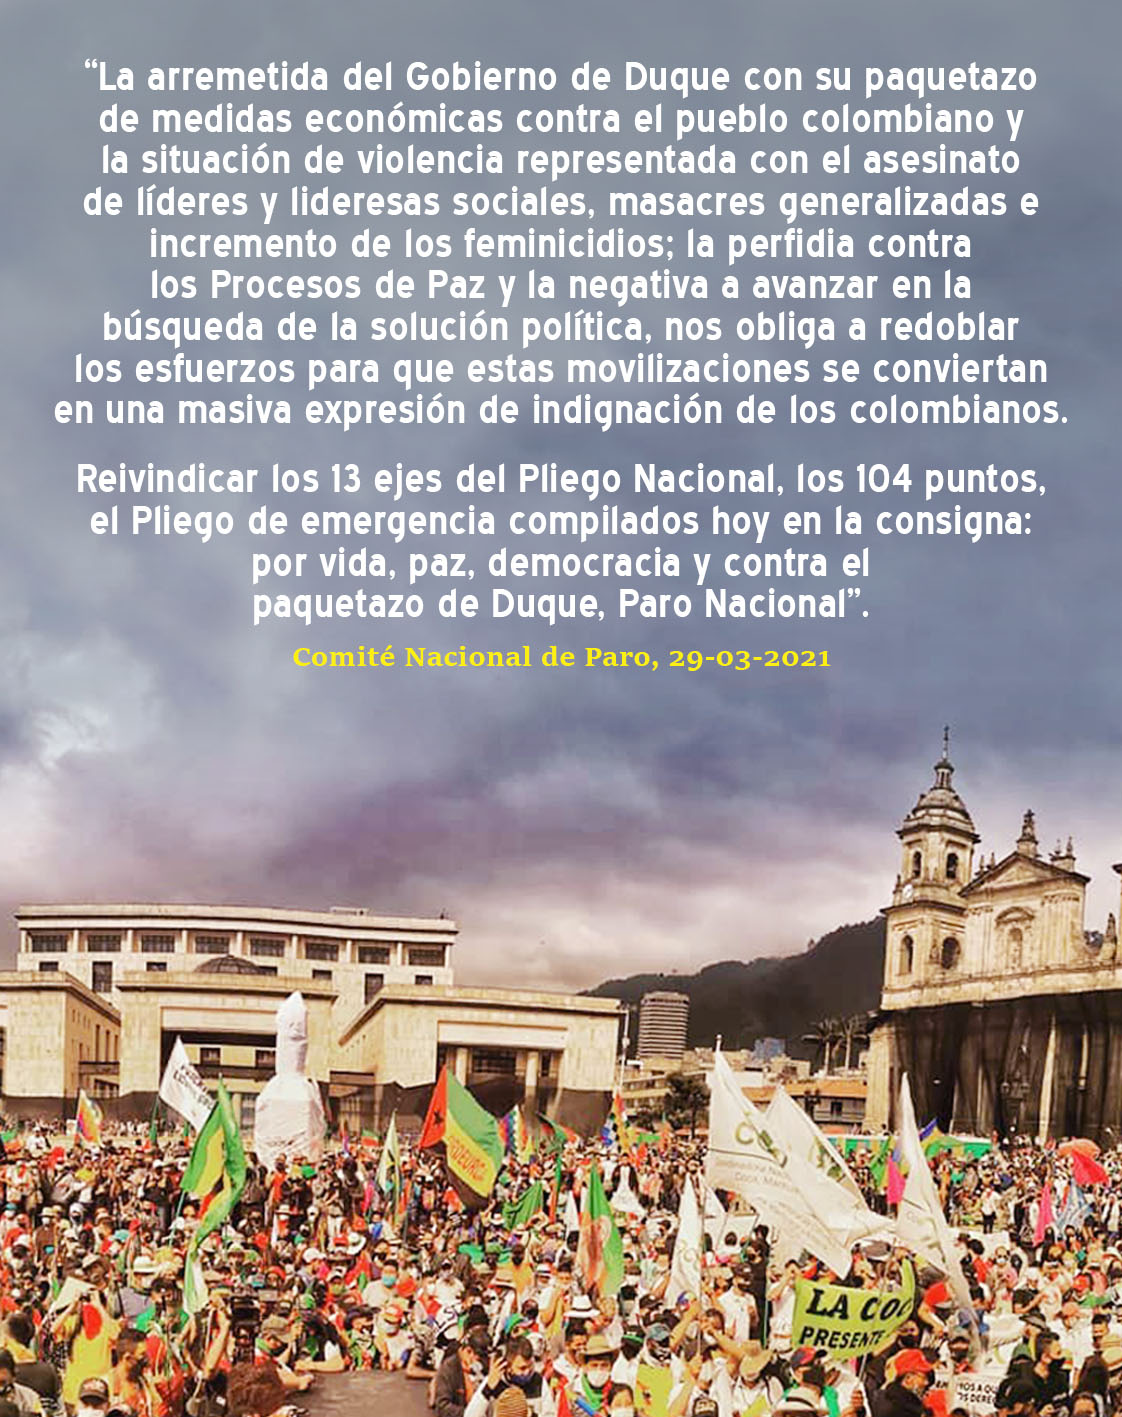 PARO NACIONAL CONTRA EL PAQUETAZO DE DUQUE